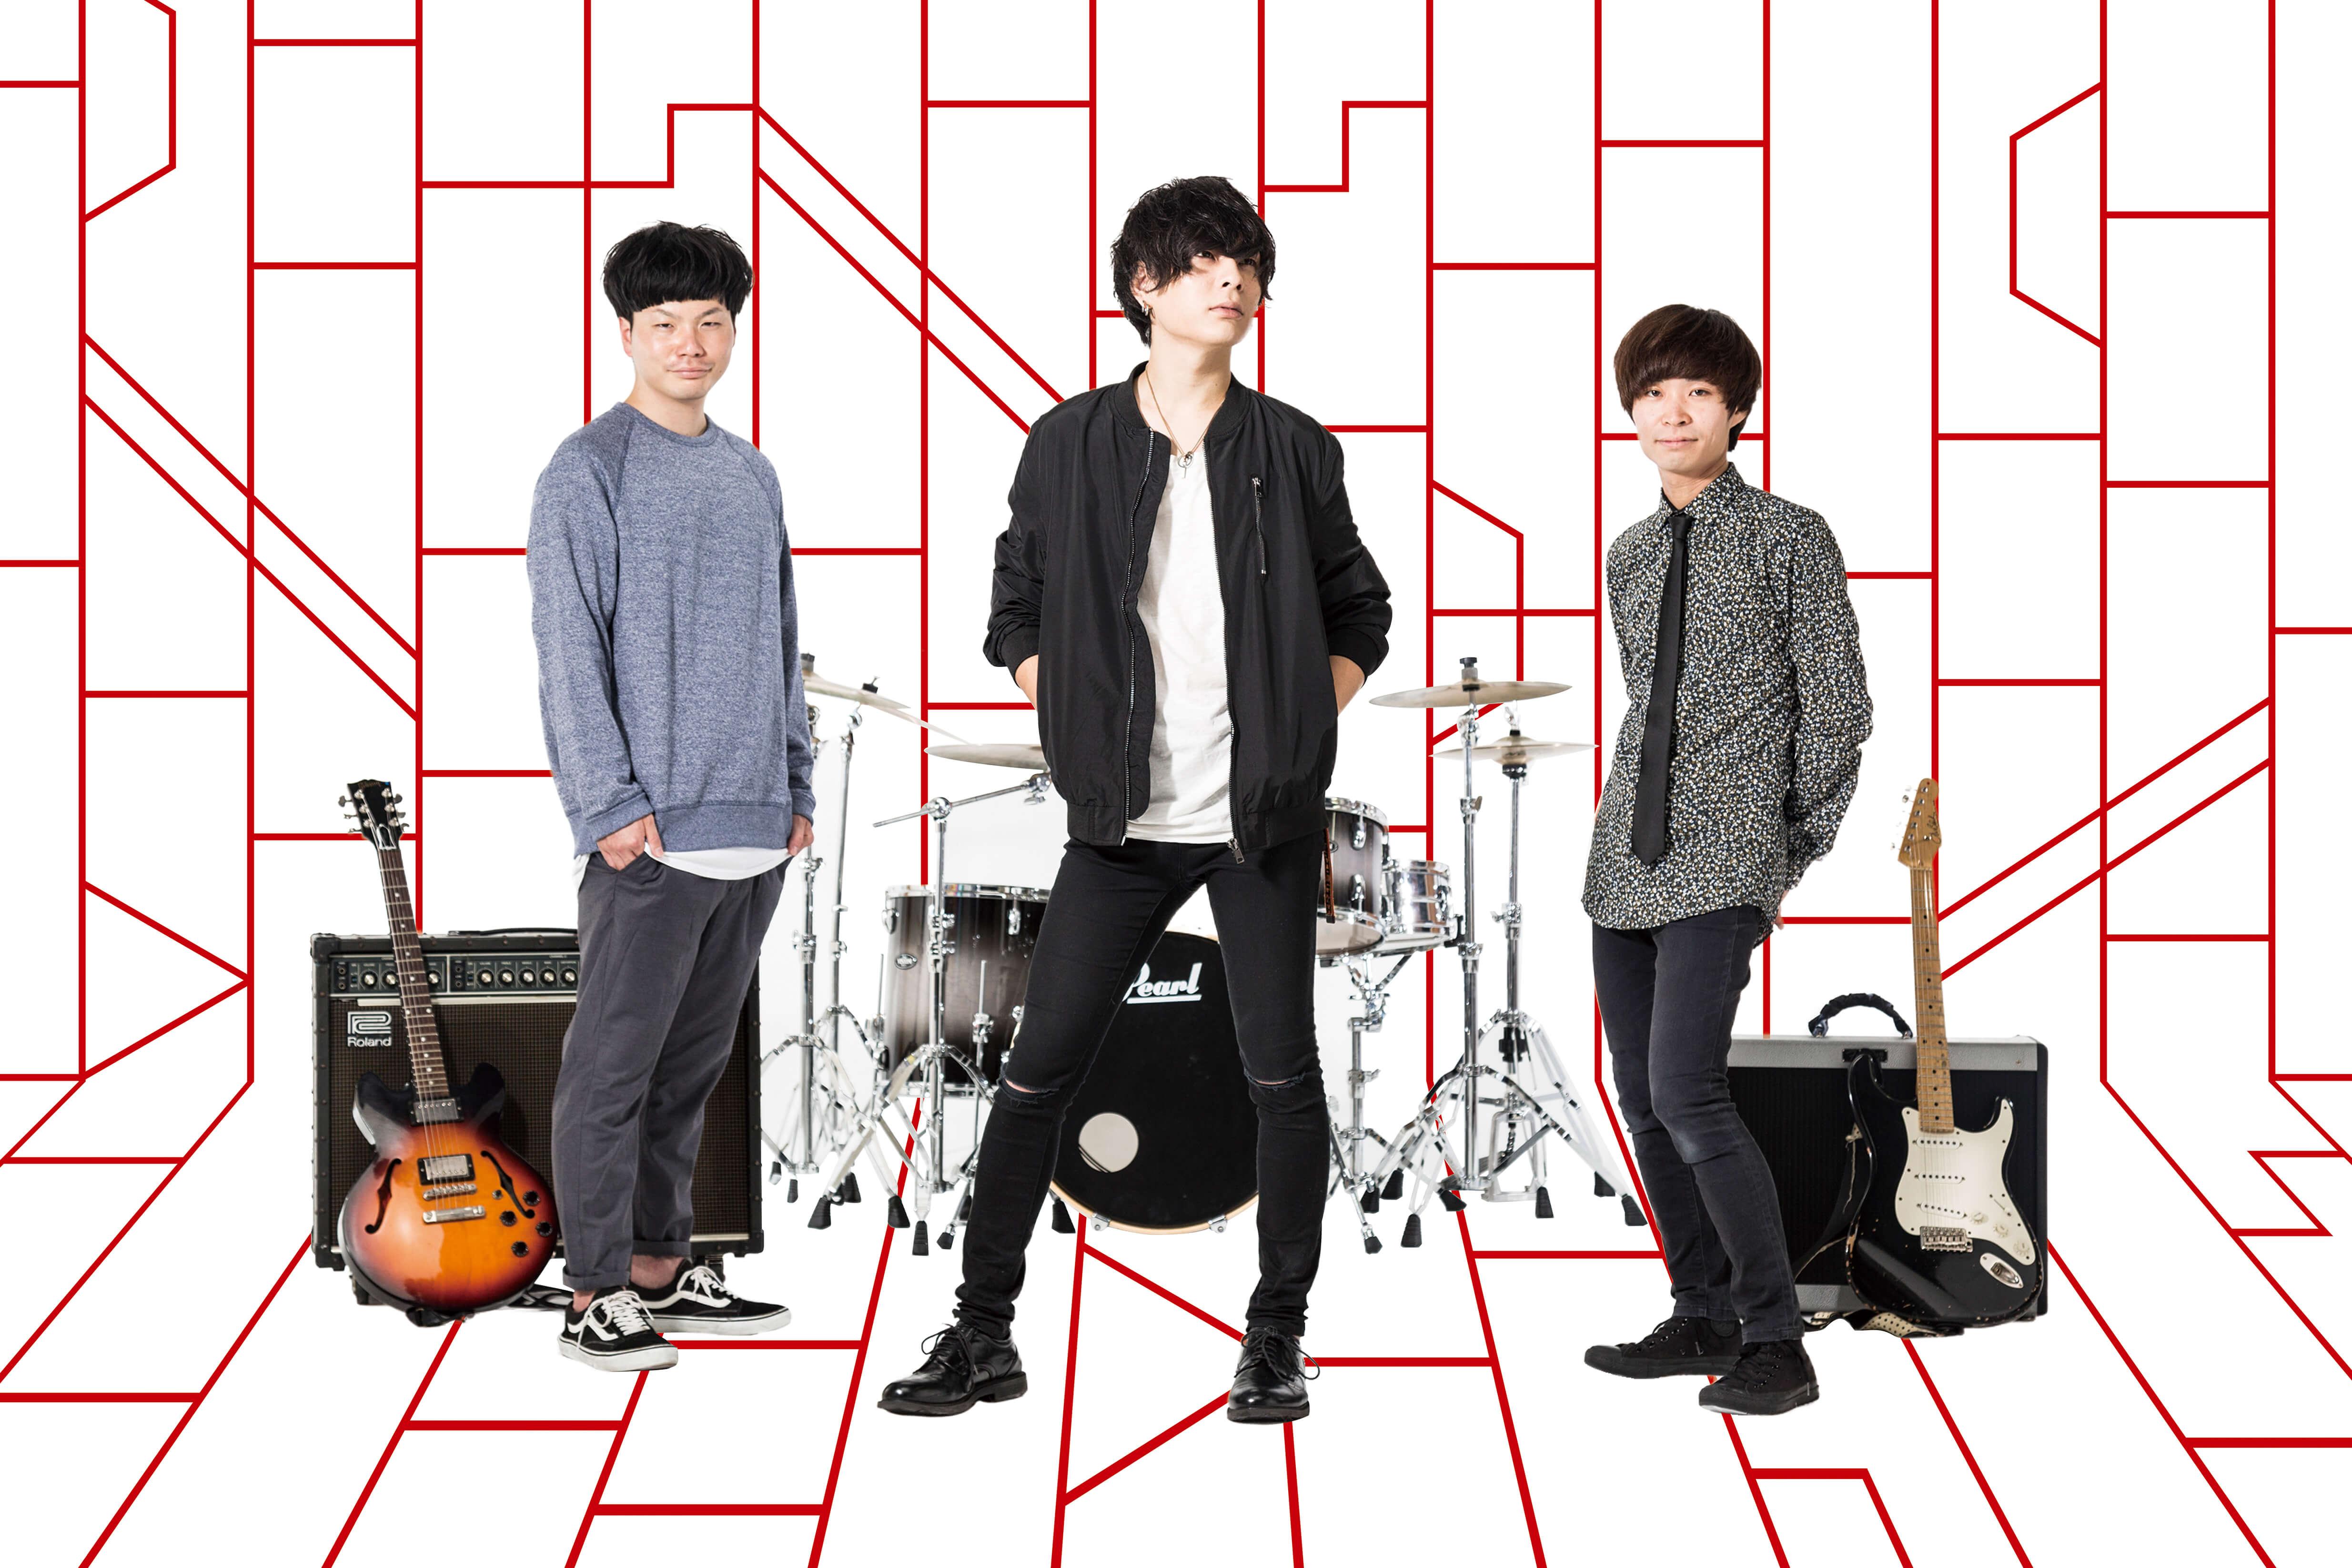 Half time Old、3rdアルバム『真夜中の失踪に聡明と音楽』から「ミニマリスト」のMVを公開。リリースツアーも発表。